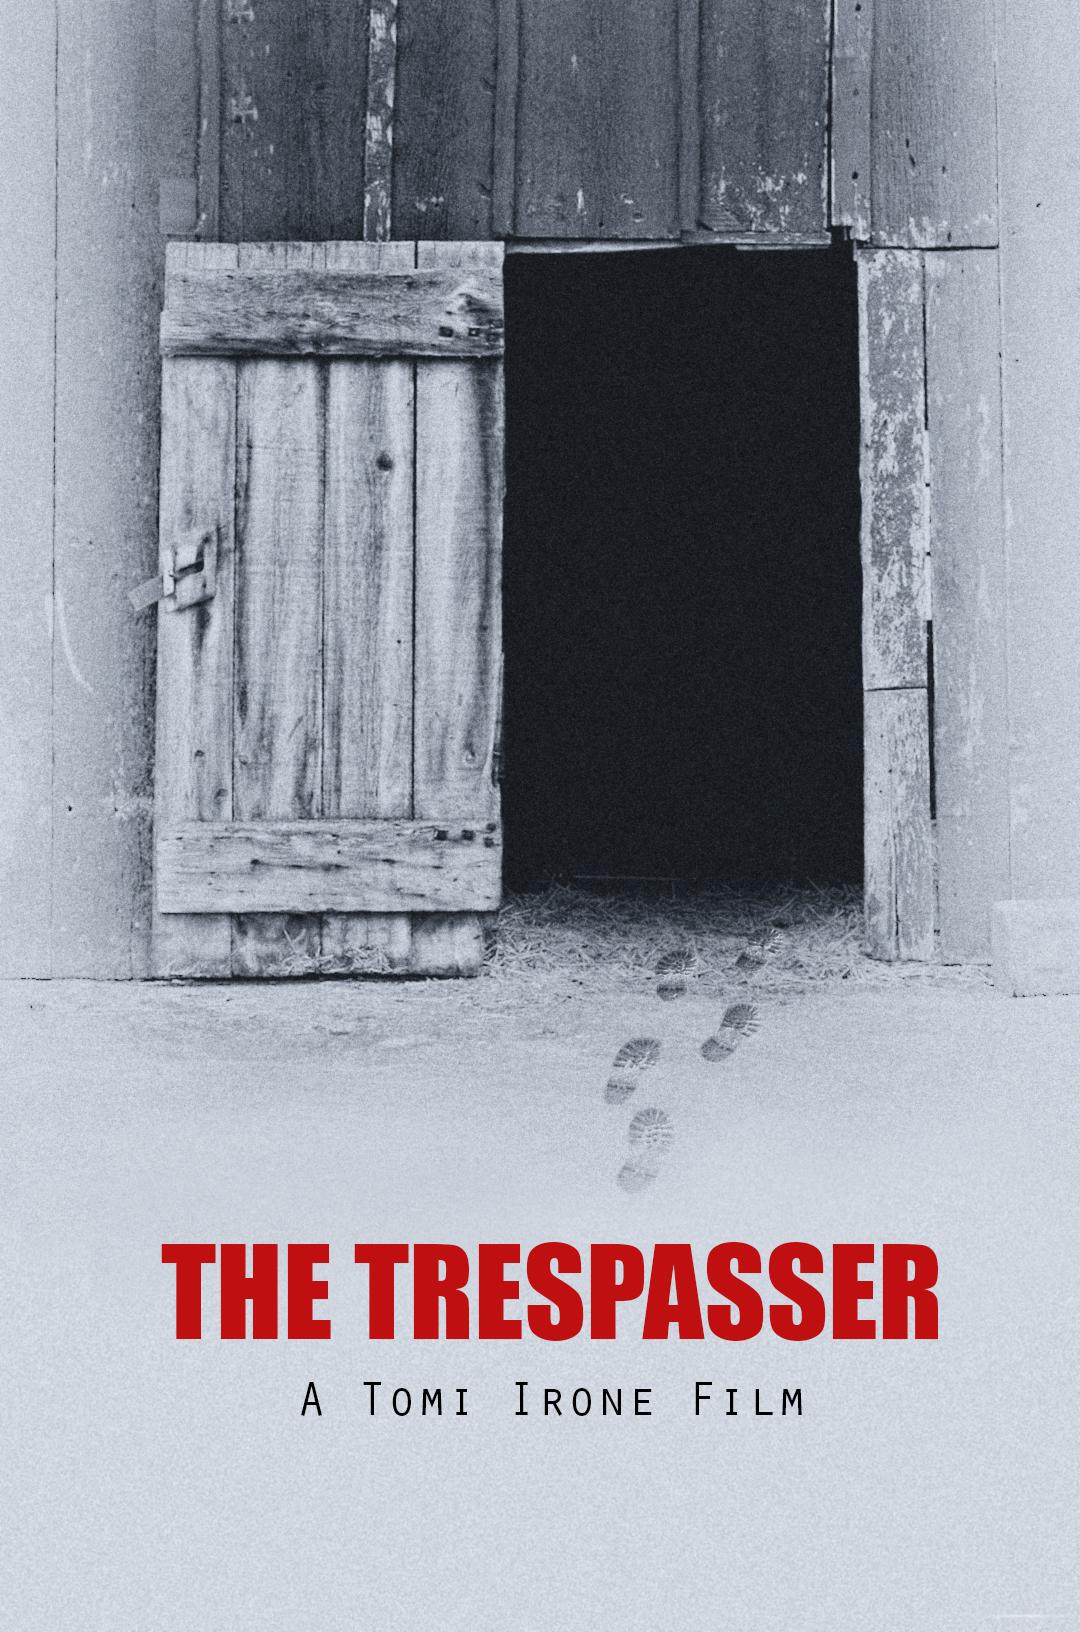 The Trespasser (2016)